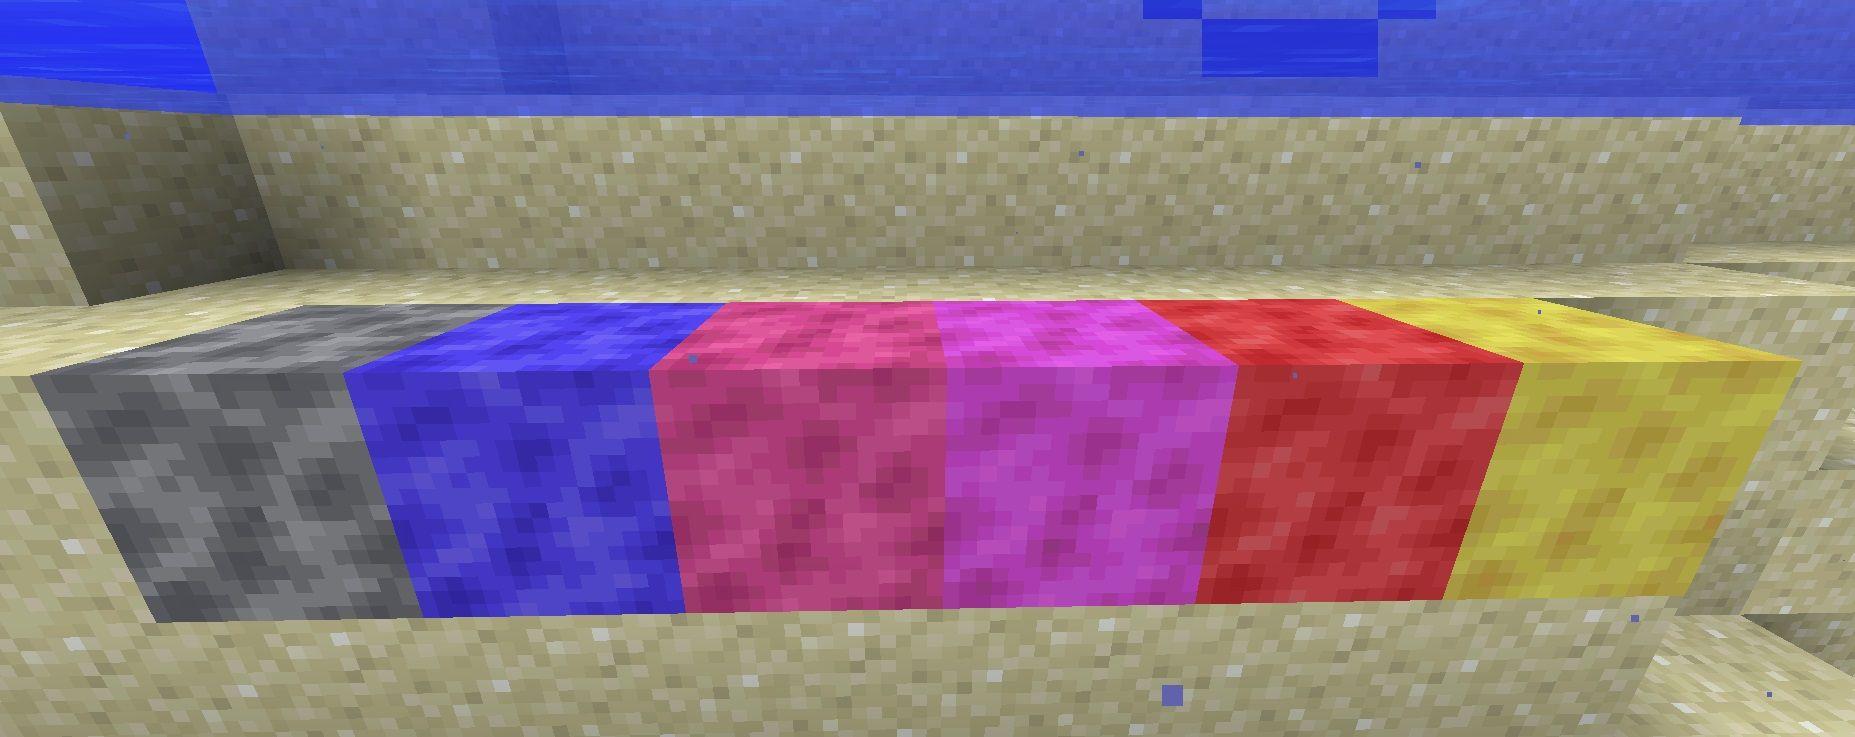 bloki koralowe minecraft 1.13 aktualizacja oceanu